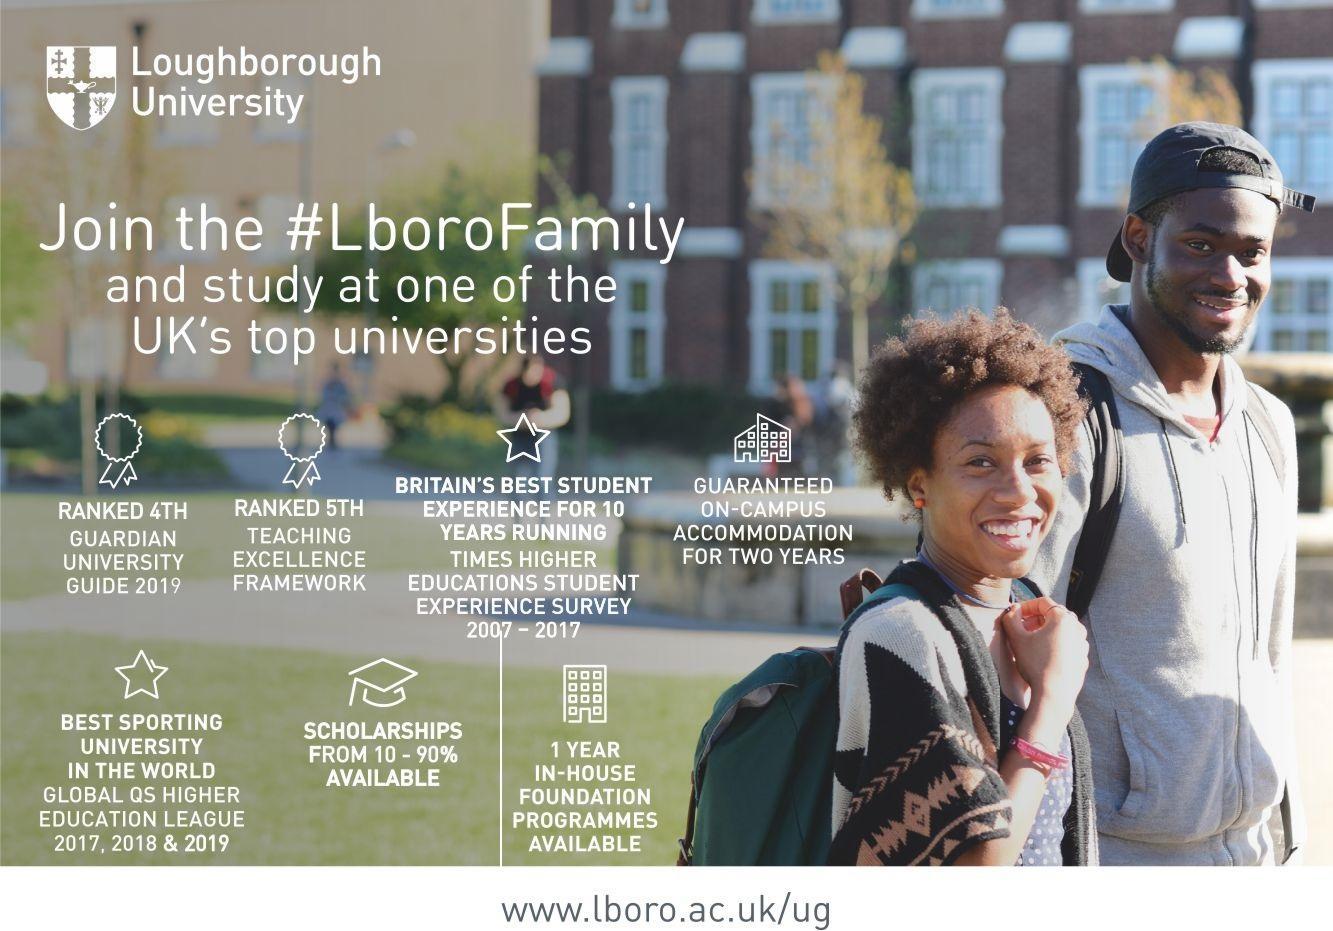 Loughborough University Scholarships 2020